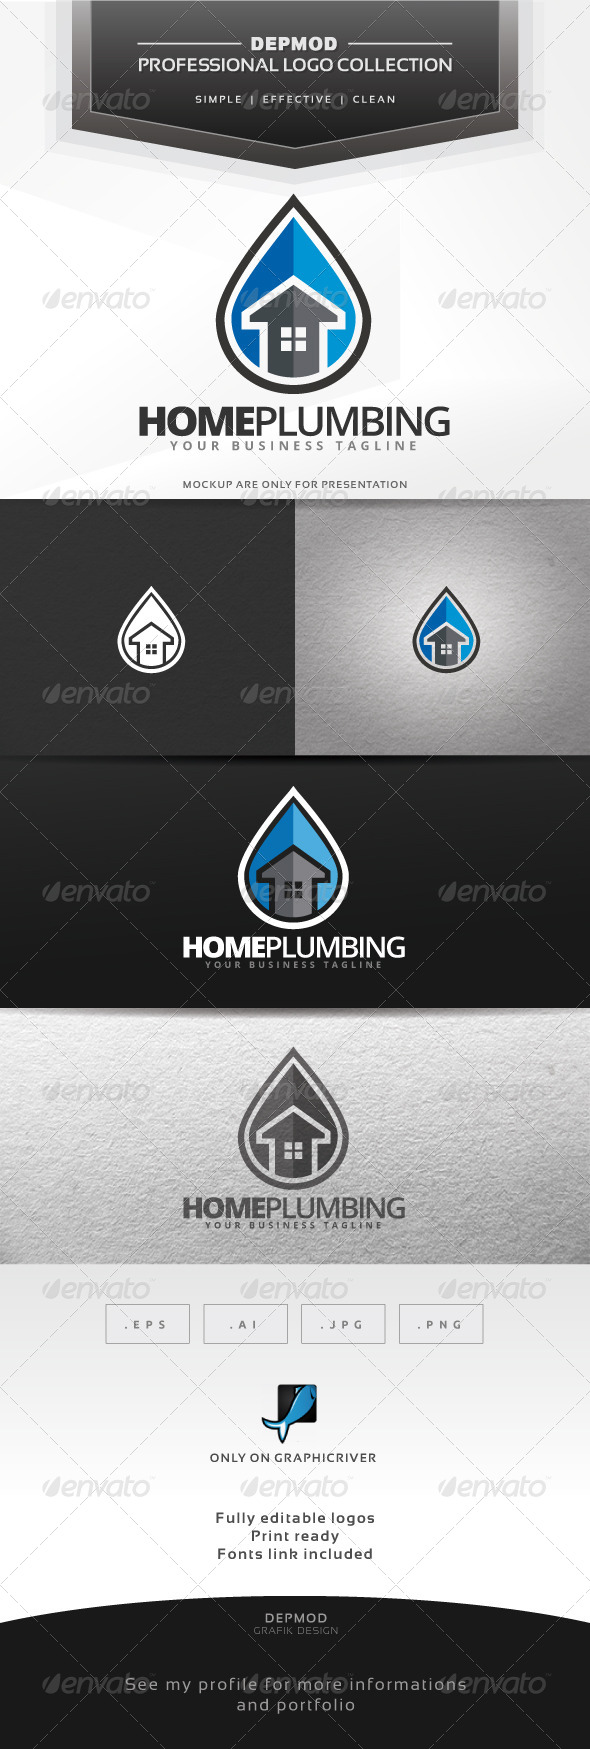 Home Plumbing Logo